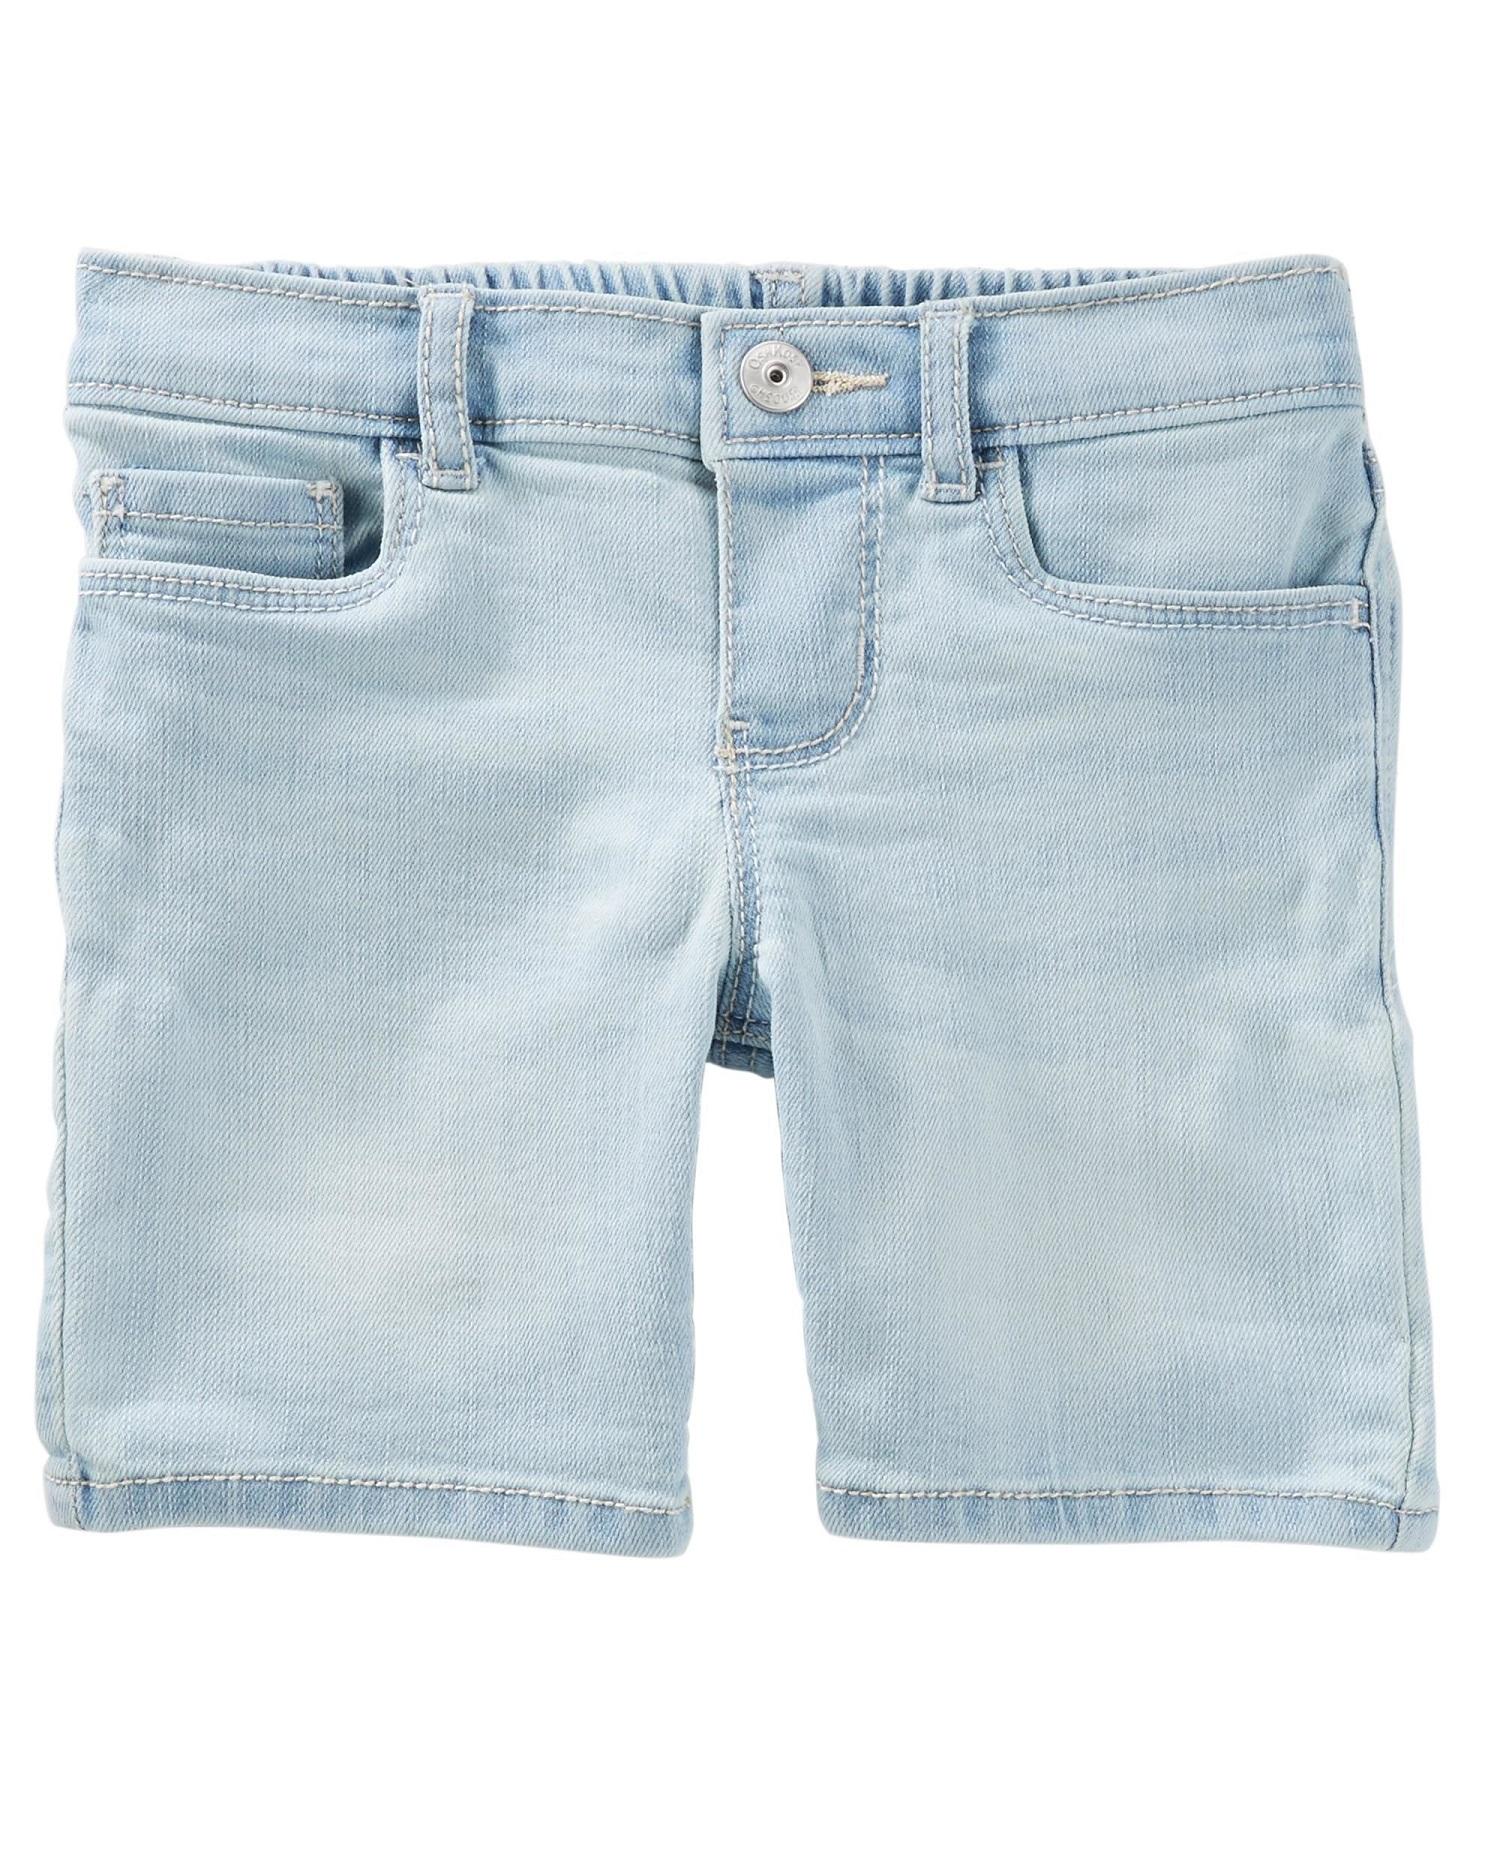 OshKosh B'gosh Big Girls' Denim Skimmer Shorts, 12-Kids